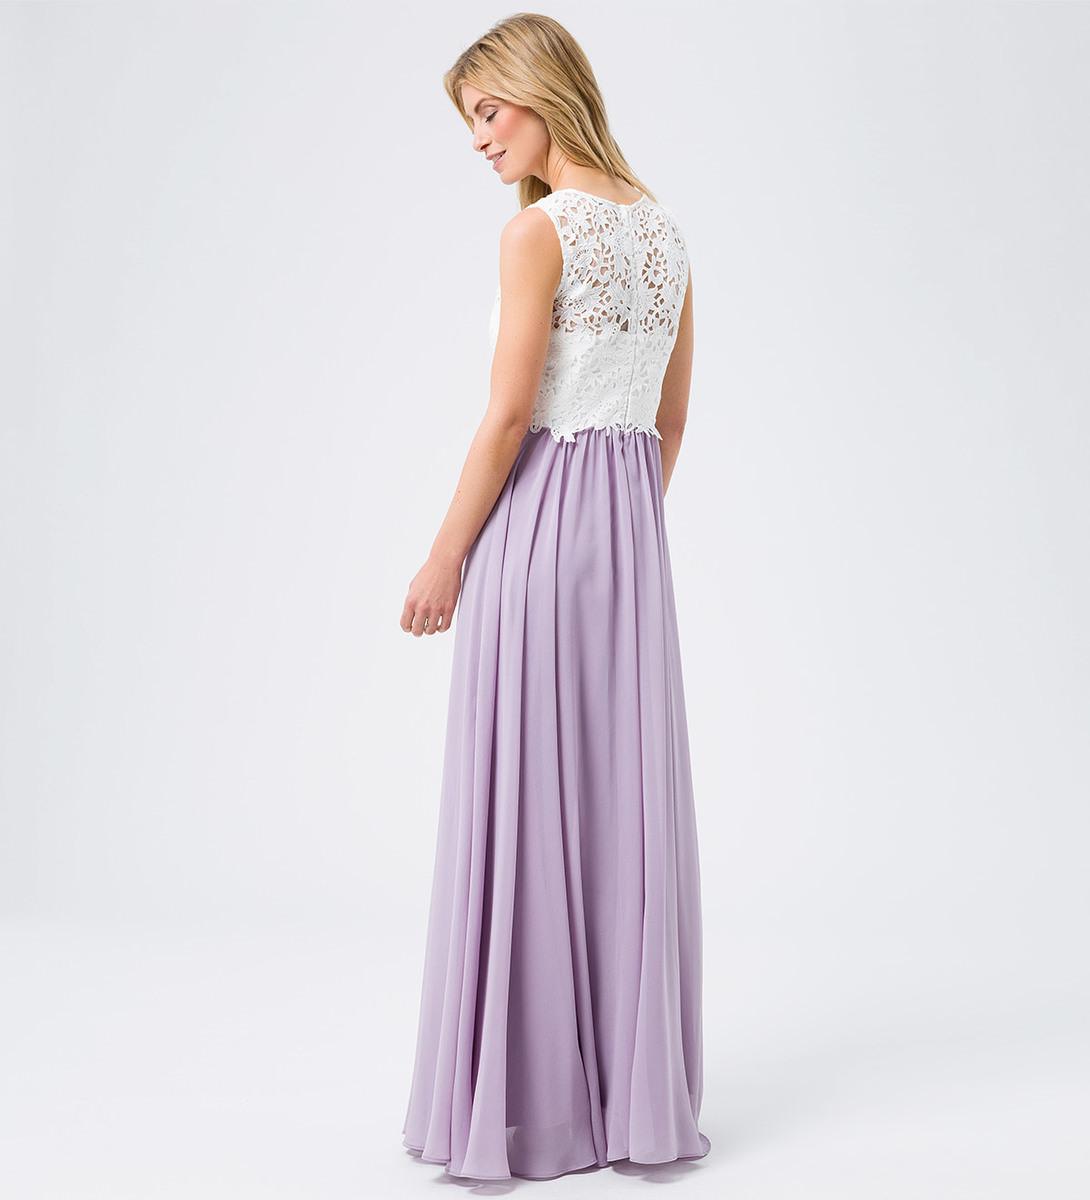 Maxikleid mit Spitze in lavender